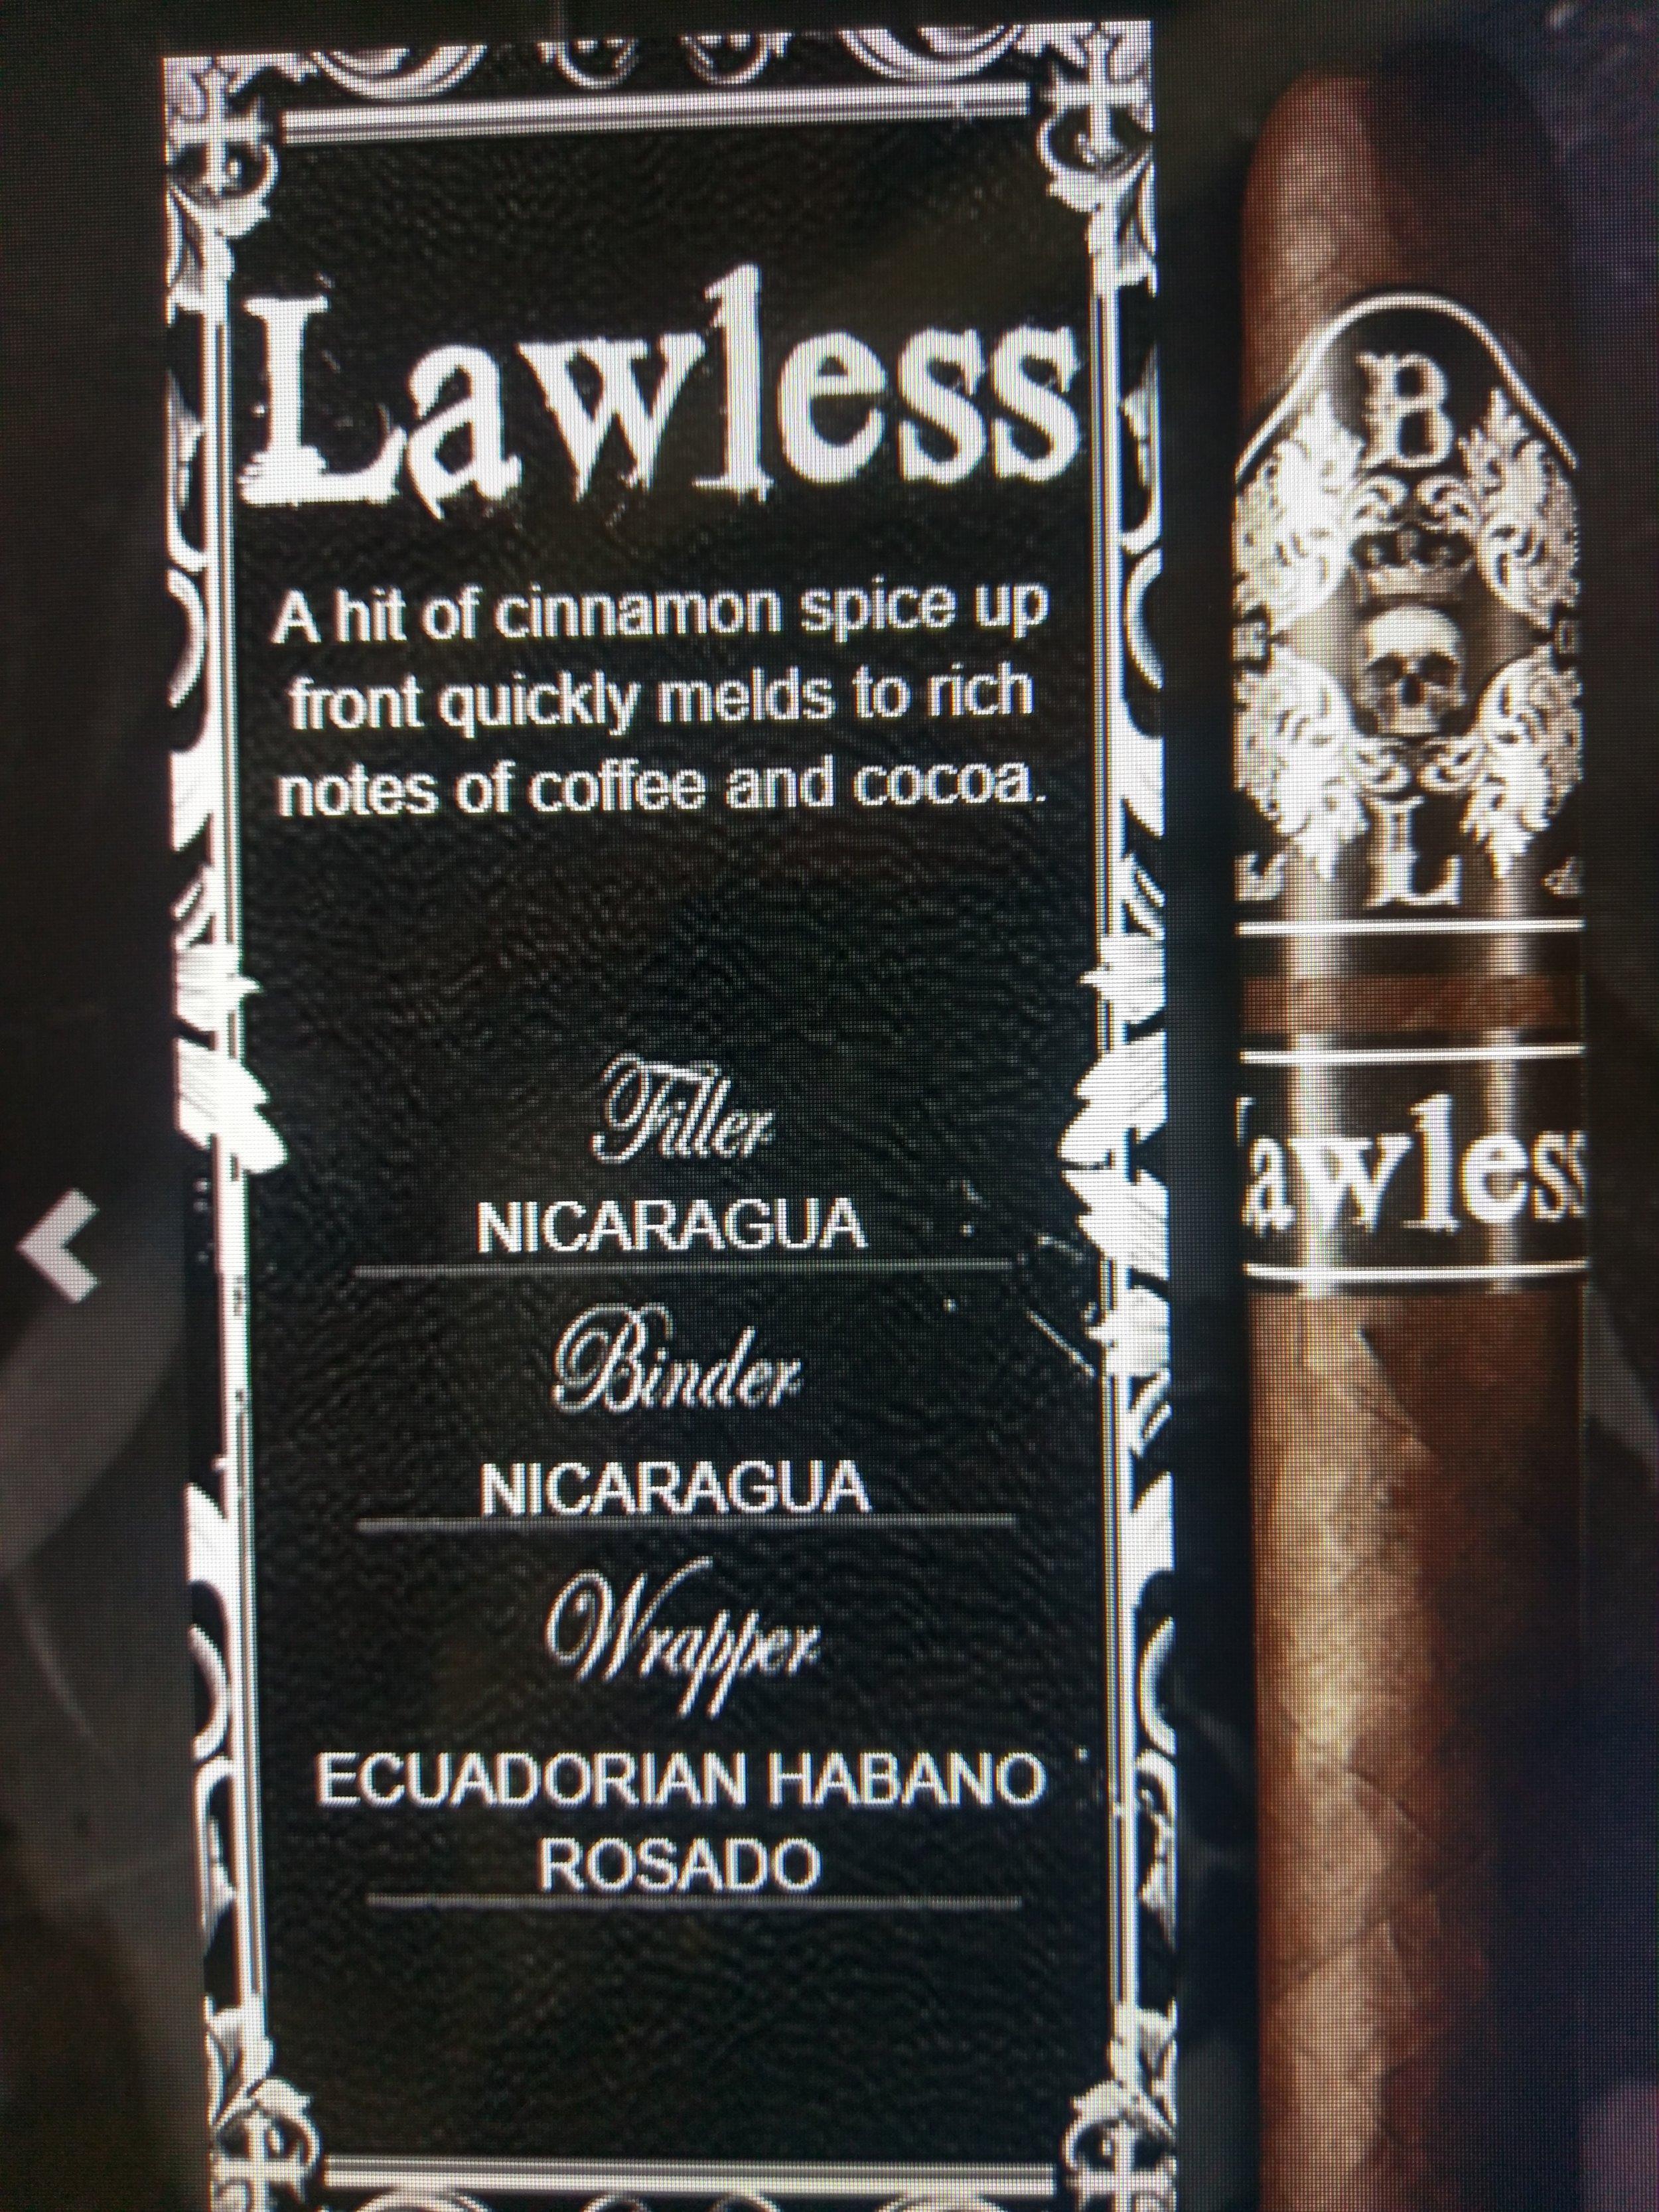 black works lawless cigars.jpg